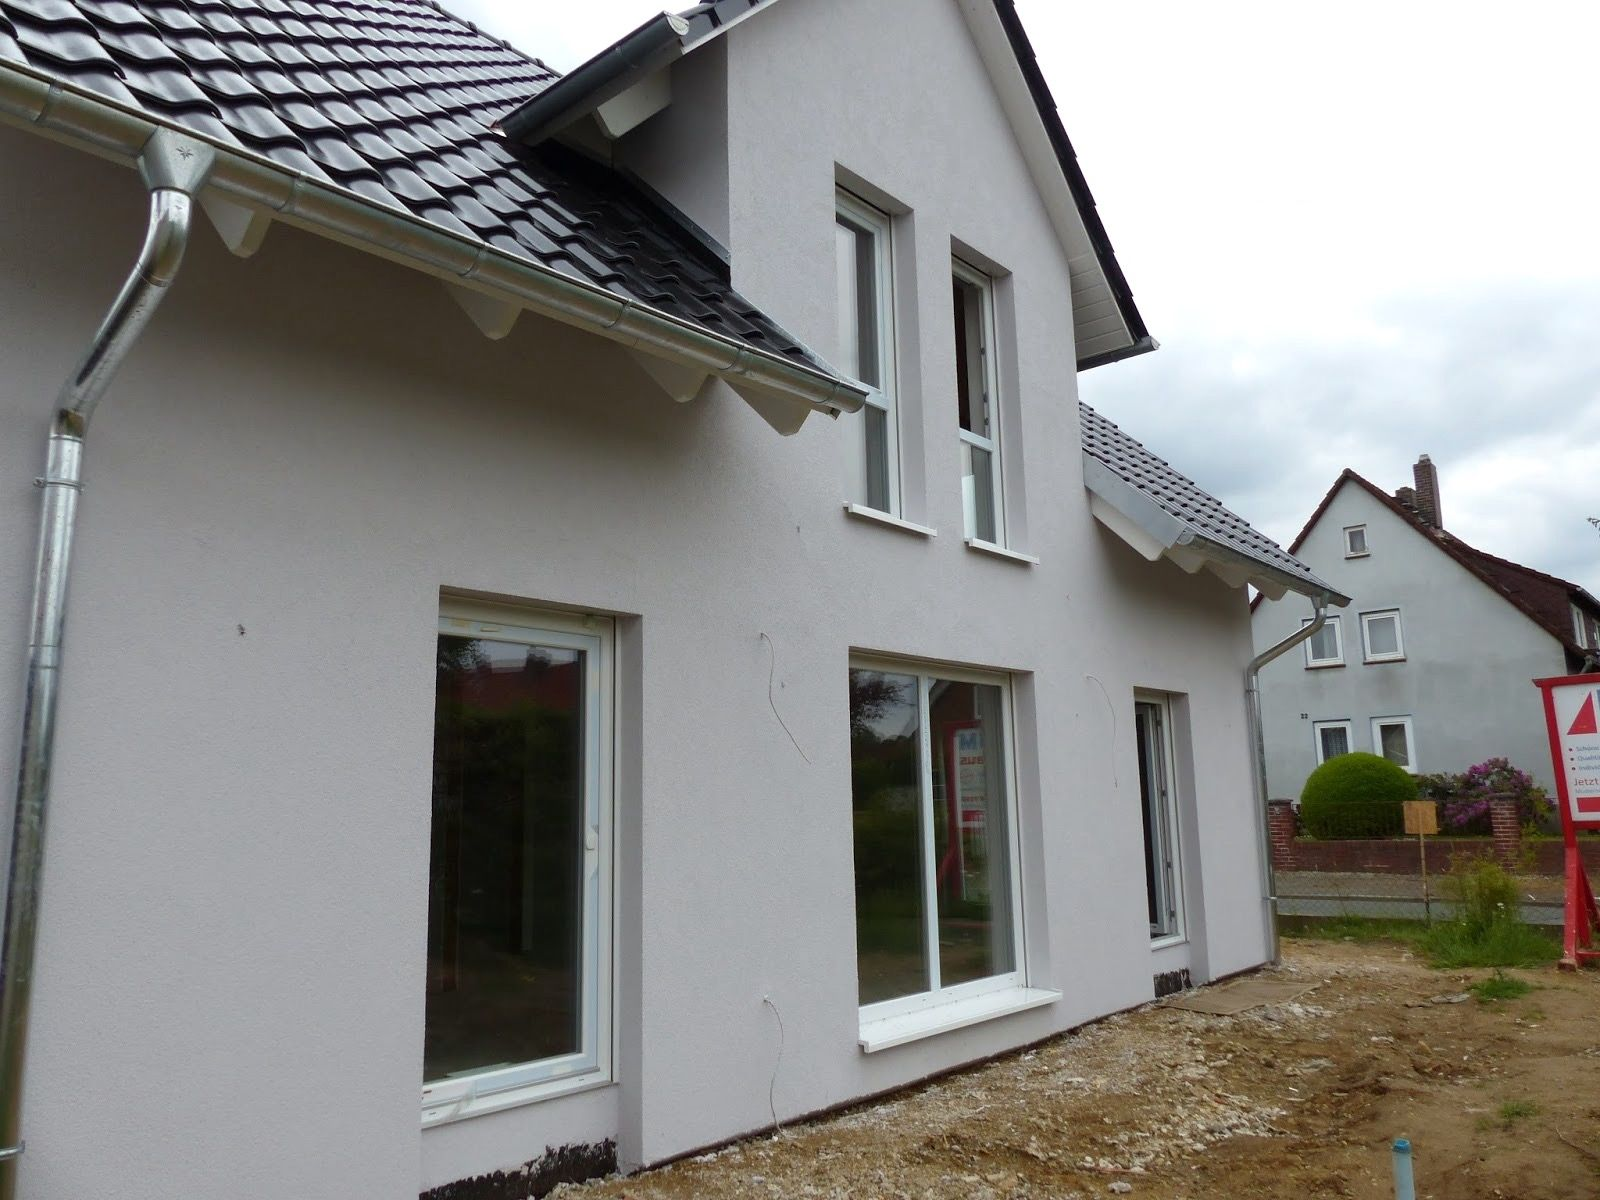 Uncategorized:Kleines Haus Grau Weiss Ebenfalls Haus Grau Wei Verlockend  Auf Moderne Deko Ideen Oder